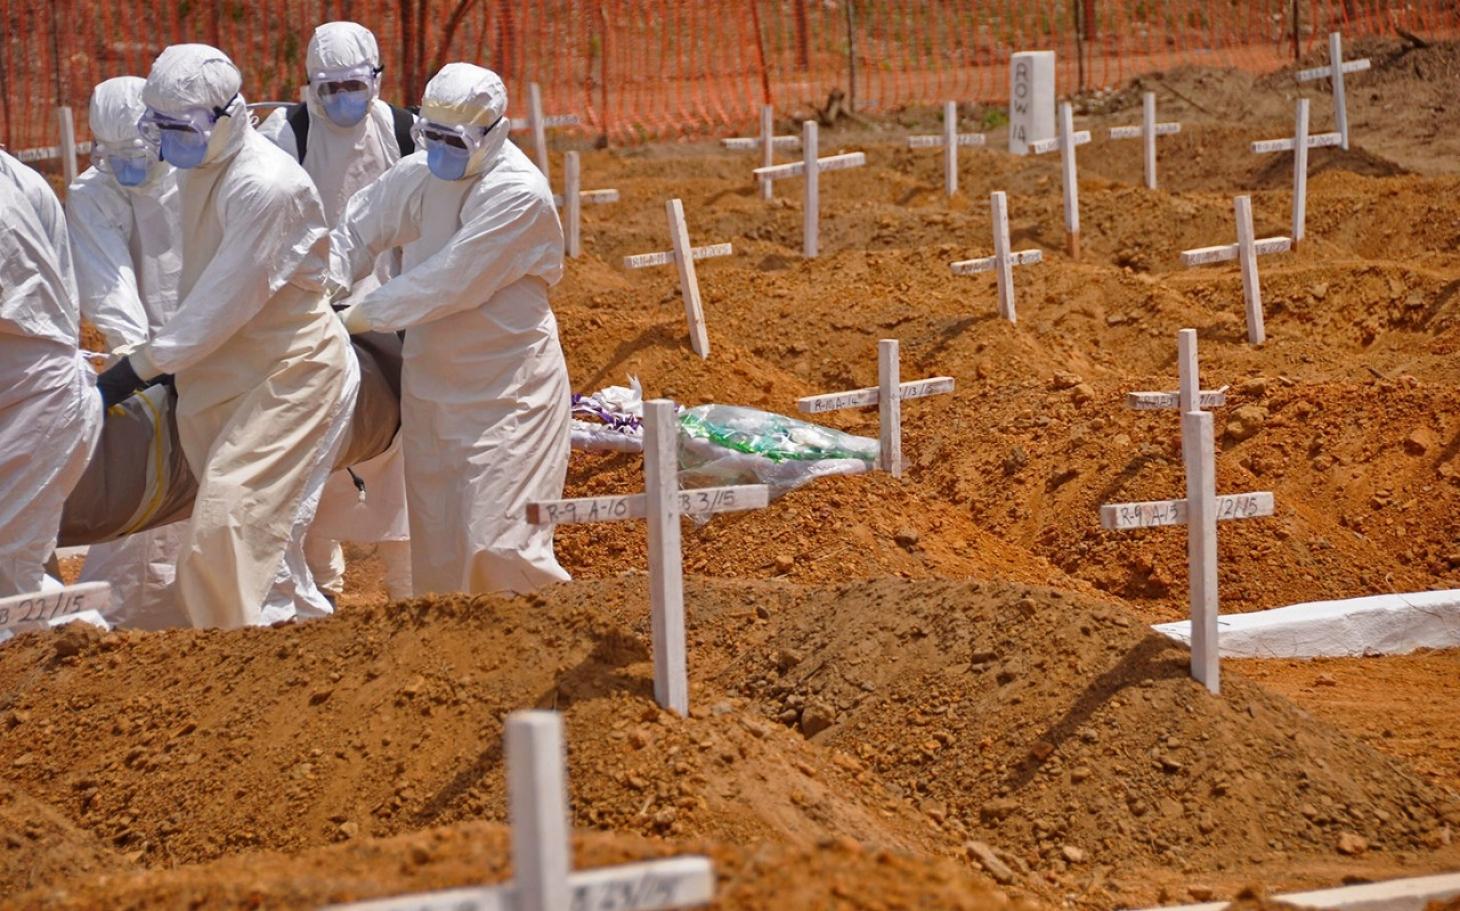 Ebola death toll tops 1,600 mark in DR Congo